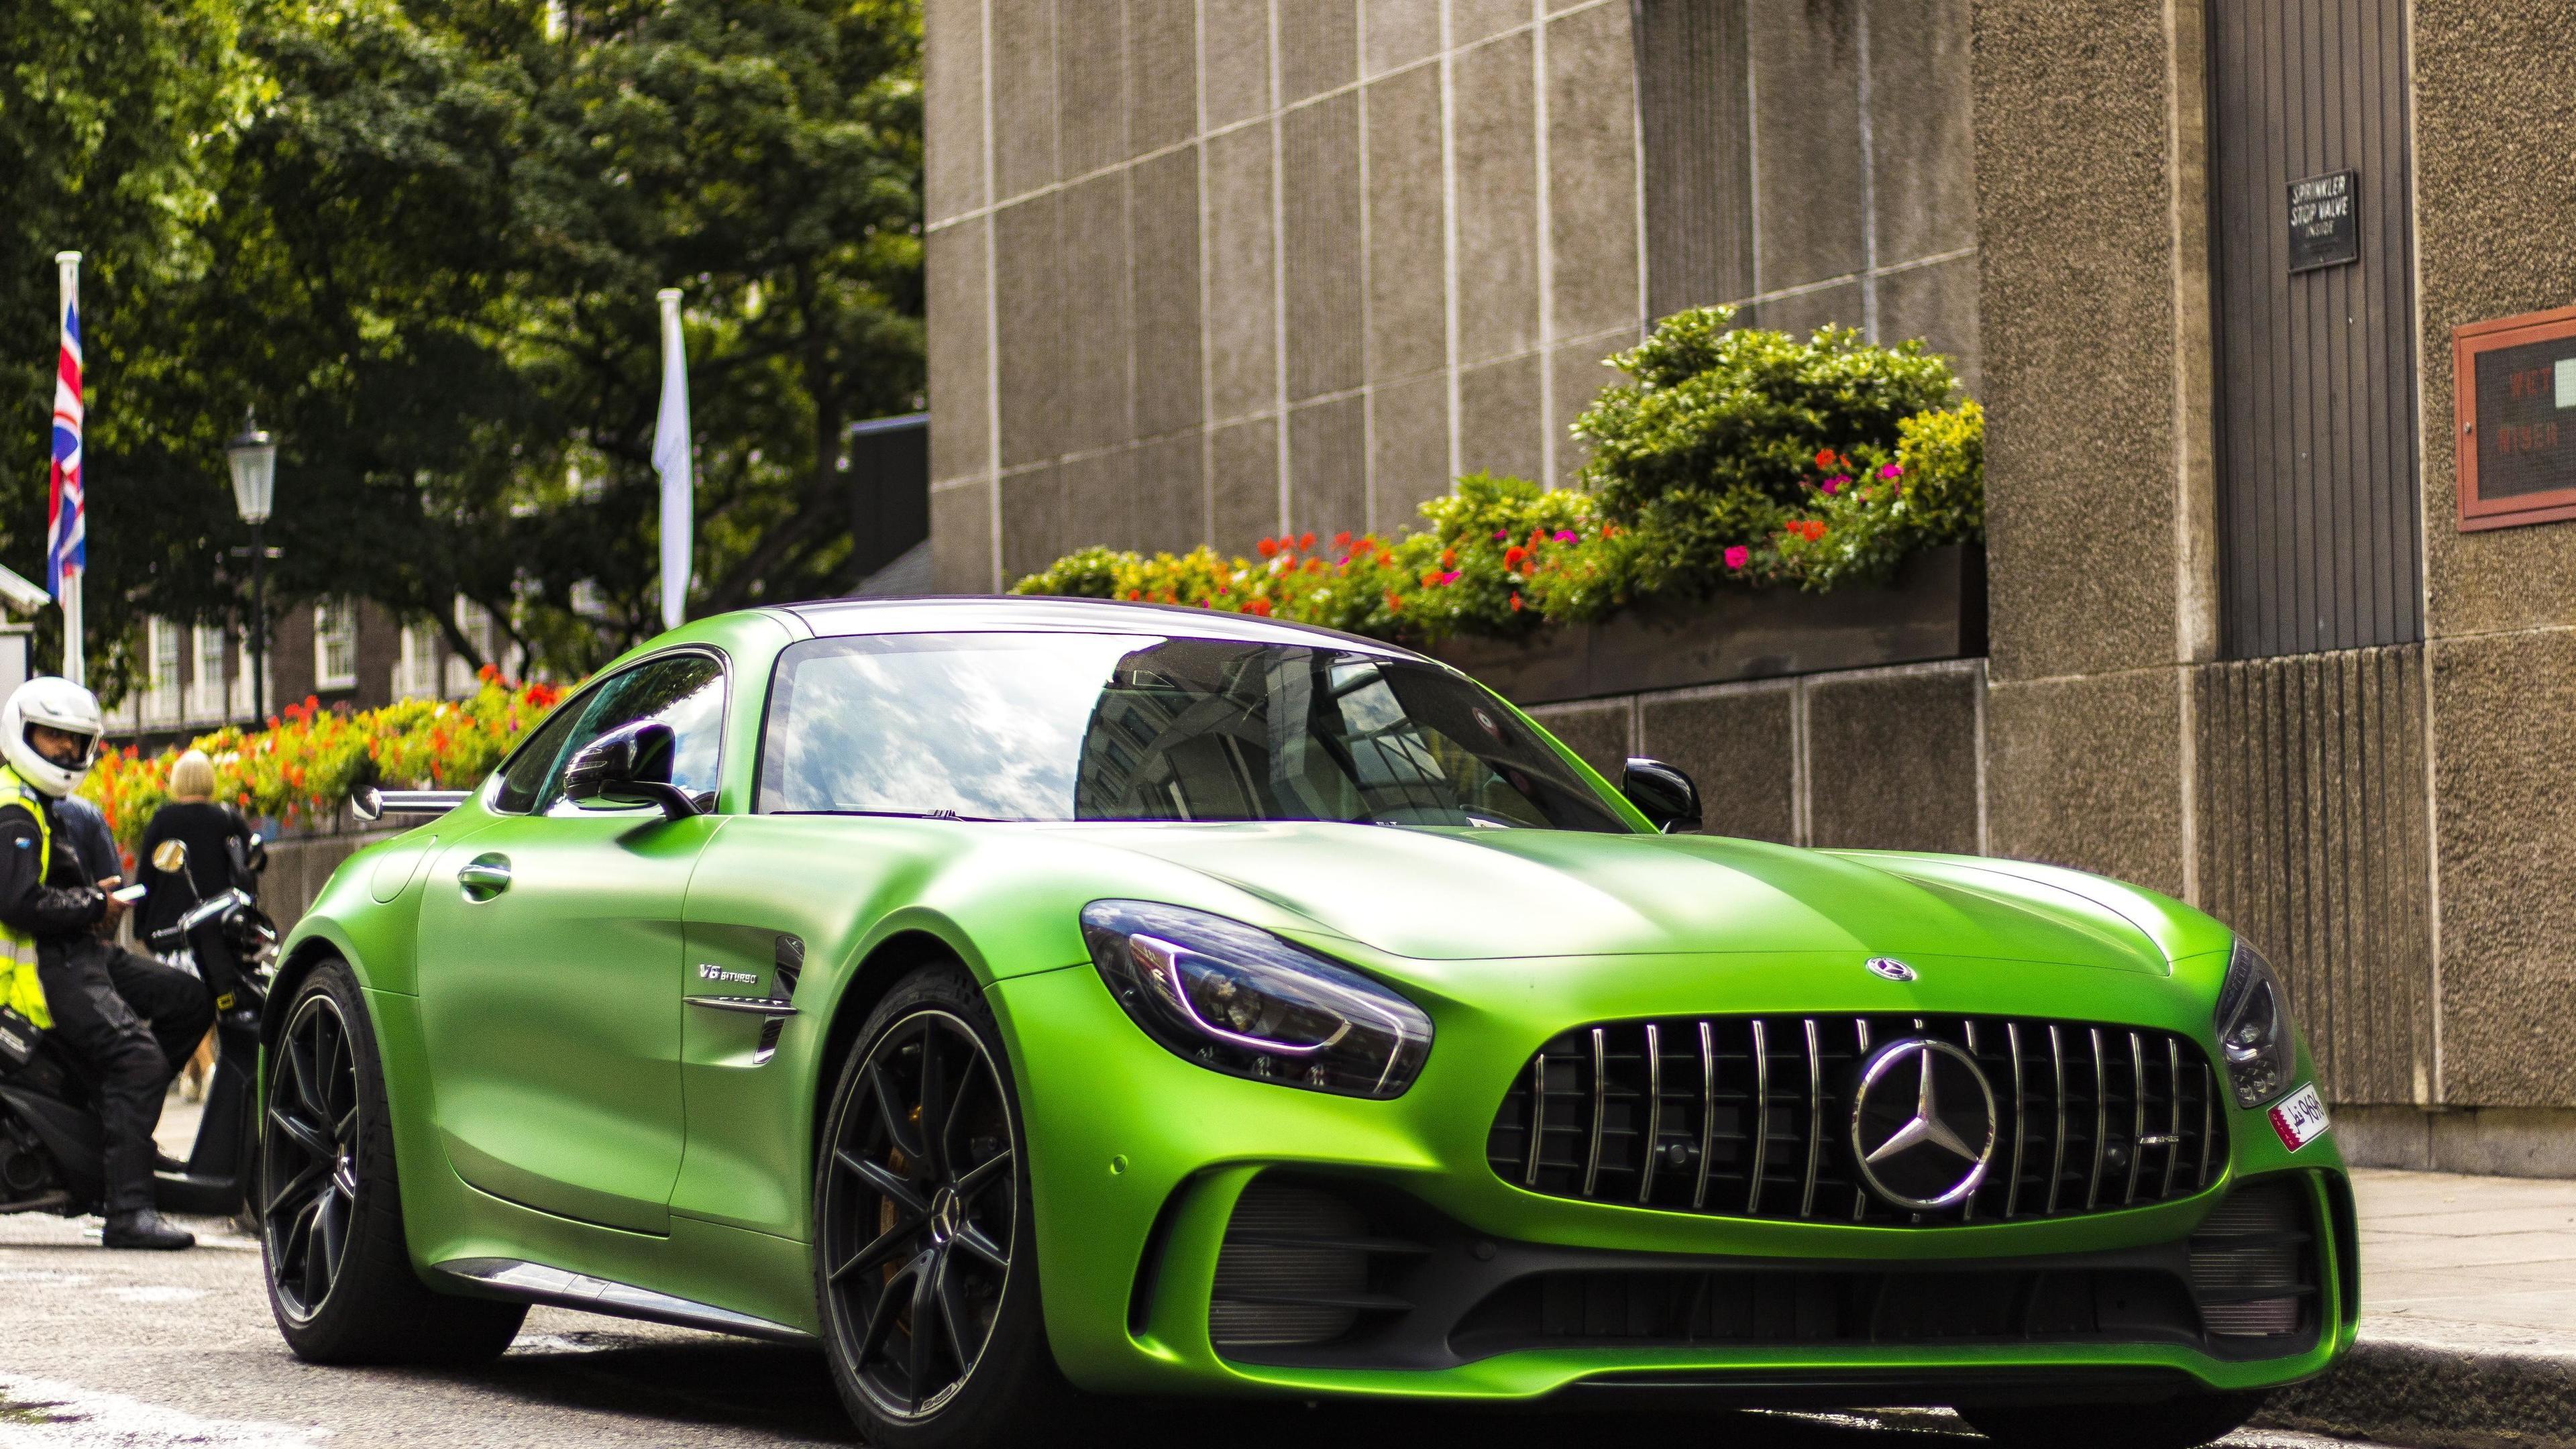 Green Mercedes Amg Gtr 4k Mercedes Wallpapers Mercedes Amg Gtr Wallpapers Hd Wallpapers Cars Wallpapers Mercedes Amg Gt R Mercedes Amg Mercedes Wallpaper